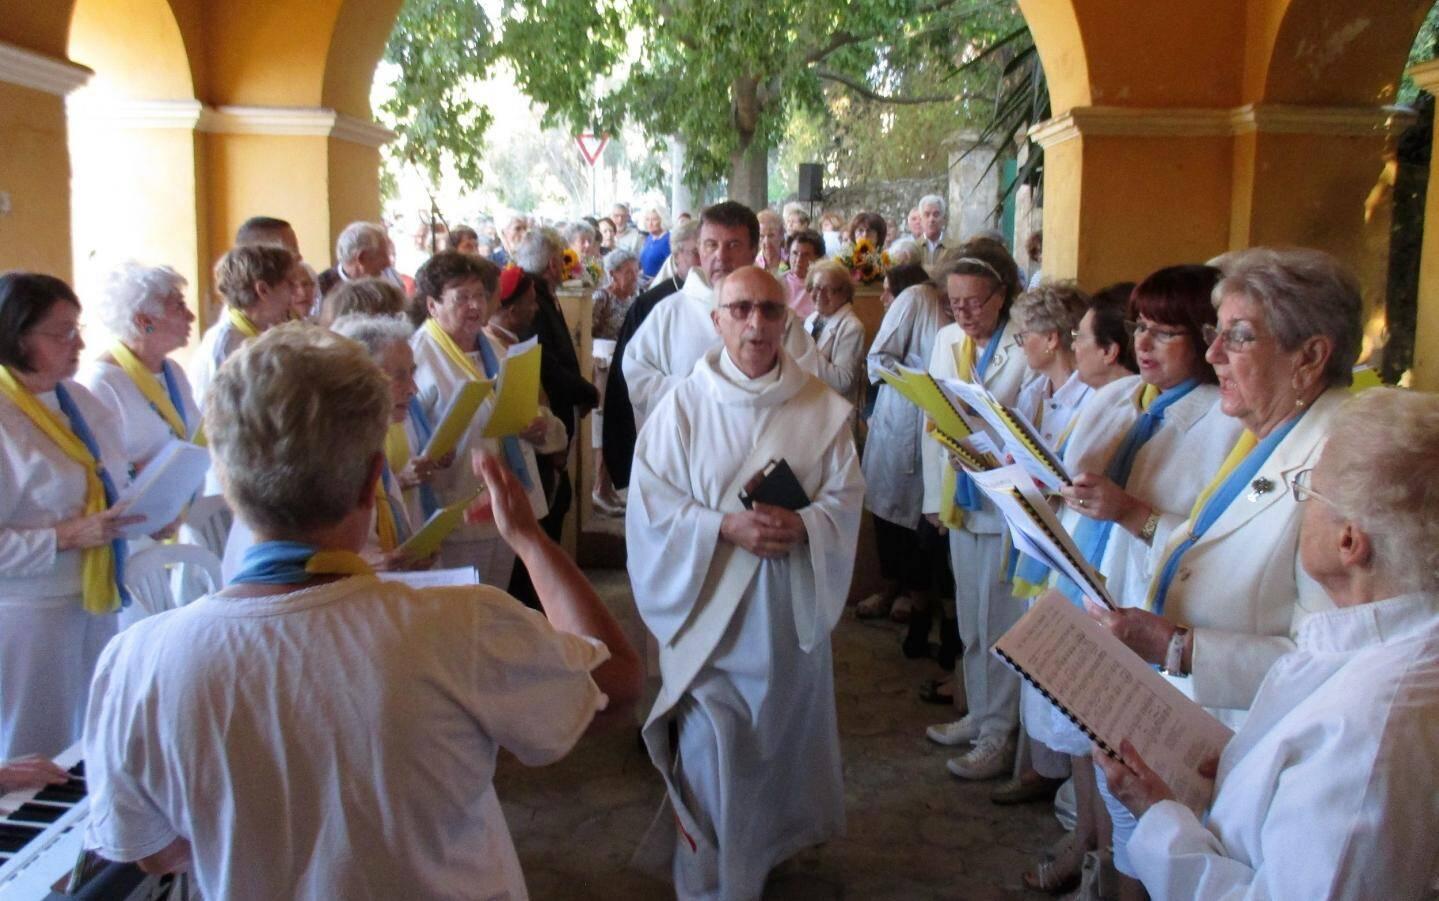 La chorale de Saint-Charles a animé la messe par ses chants.